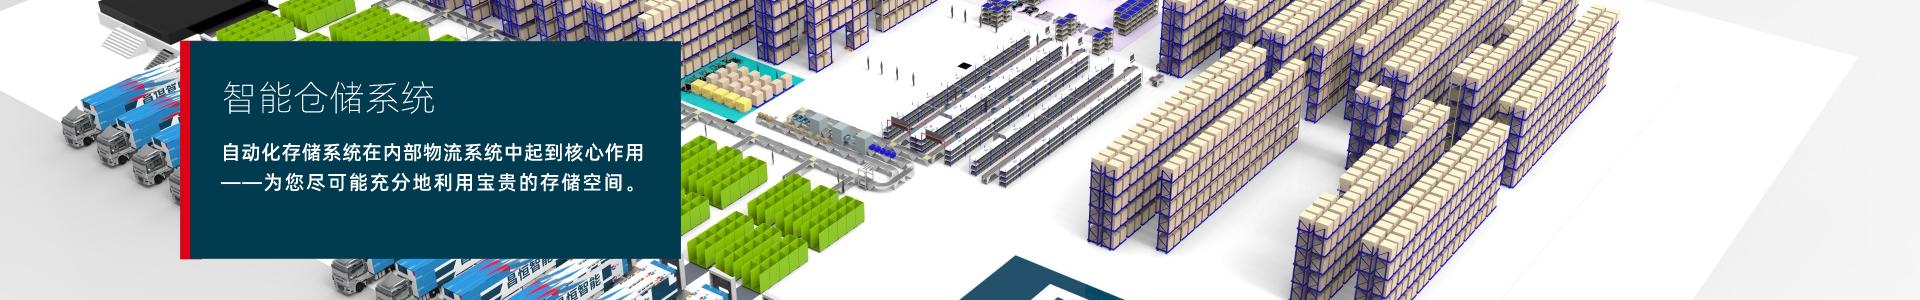 智能仓储系统工程